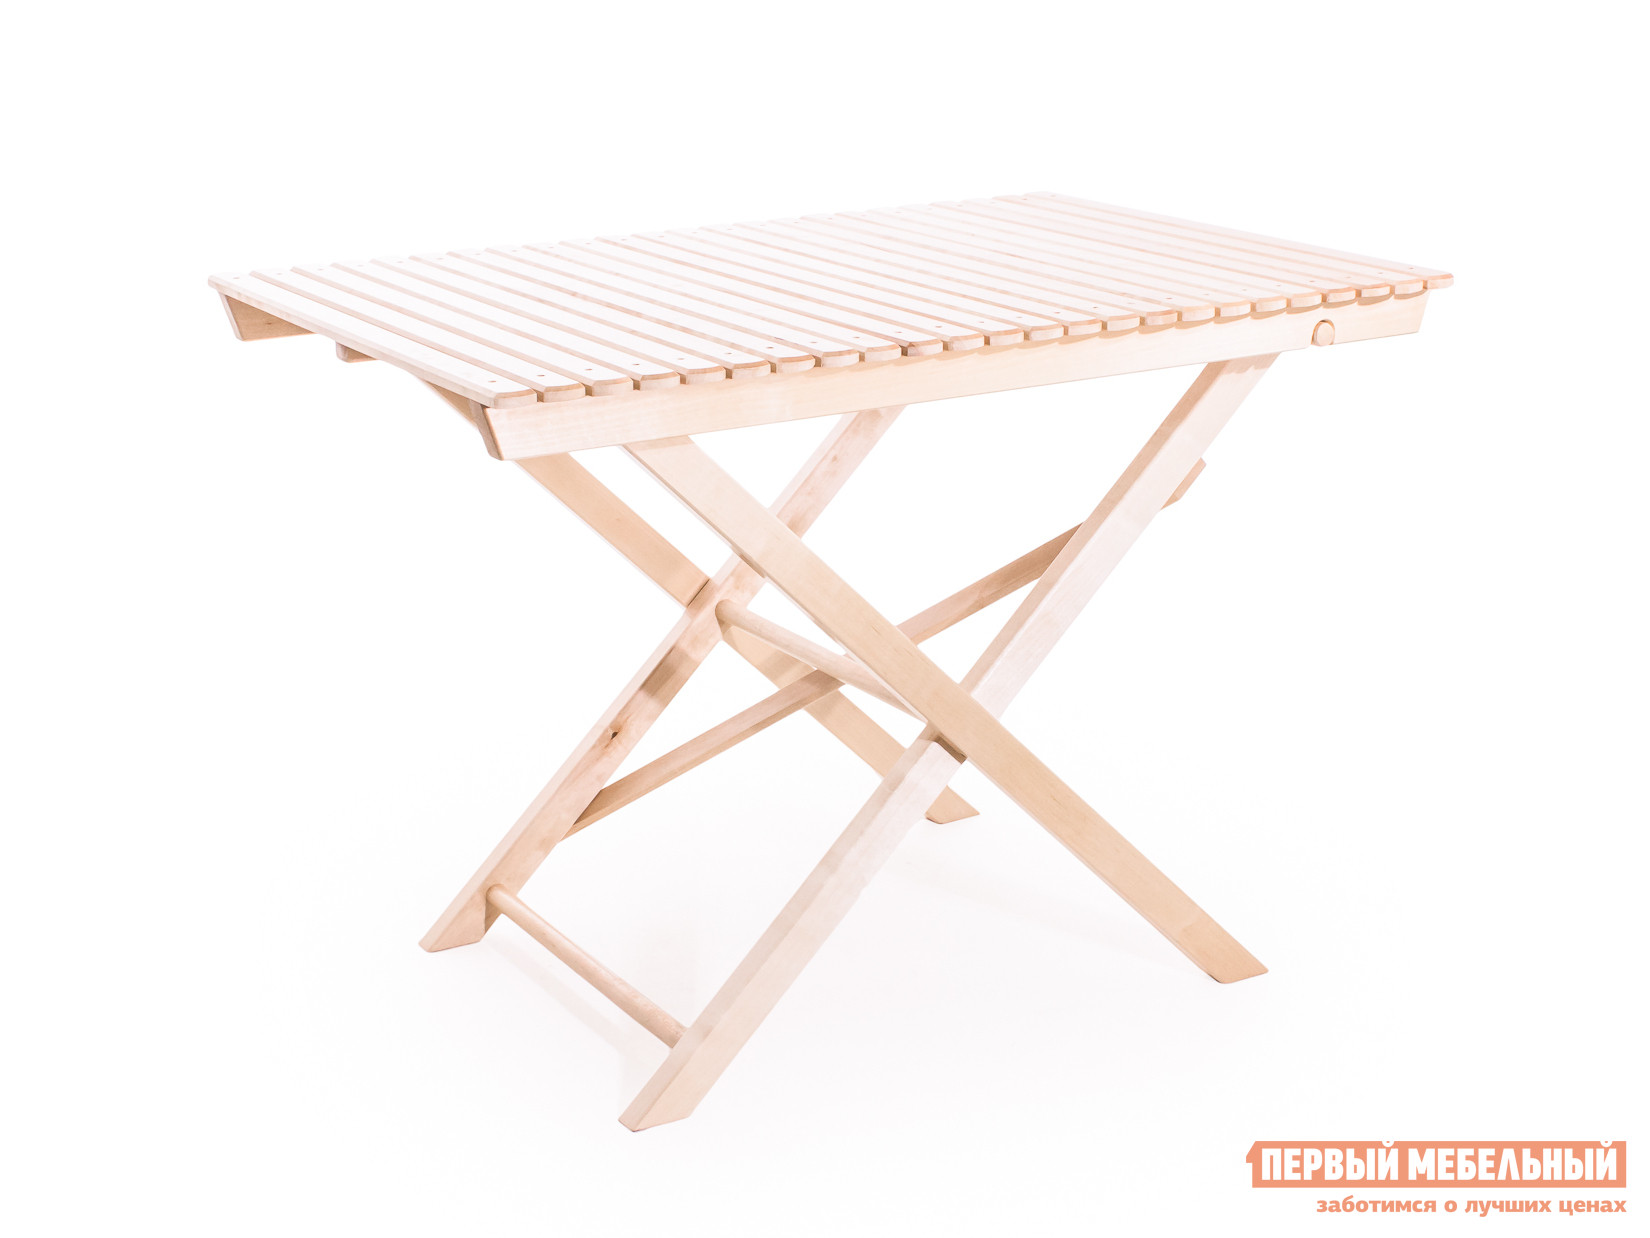 Садовый стол СМКА большой складной СМ004Б БерезаСадовые столы<br>Габаритные размеры ВхШхГ 750x1030x670 мм. Складной стол Имси — удачное решение для активных и практичных людей.  Модель универсальна в использовании.  Так как столик имеет небольшой вес и компактные габариты в сложенном виде, его можно легко брать с собой на выездной отдых, рыбалку или в поход.  А благодаря своей эстетичности и натуральному цвету стол Имси будет прекрасно смотреться в интерьере загородного дома или на кухне в городской квартире. Модель полностью изготовлена из березы с обработкой атмосфероустойчивым лаком.  Экологичное изделие благодаря такой обработке прослужит дольше, ему не будут страшны влажность и ультрафиолет.<br><br>Цвет: Светлое дерево<br>Высота мм: 750<br>Ширина мм: 1030<br>Глубина мм: 670<br>Кол-во упаковок: 1<br>Форма поставки: В собранном виде<br>Срок гарантии: 1 год<br>Тип: Раскладные<br>Тип: Трансформер<br>Тип: Обеденные<br>Материал: Массив дерева<br>Порода дерева: Береза<br>Форма: Прямоугольные<br>Размер: Маленькие